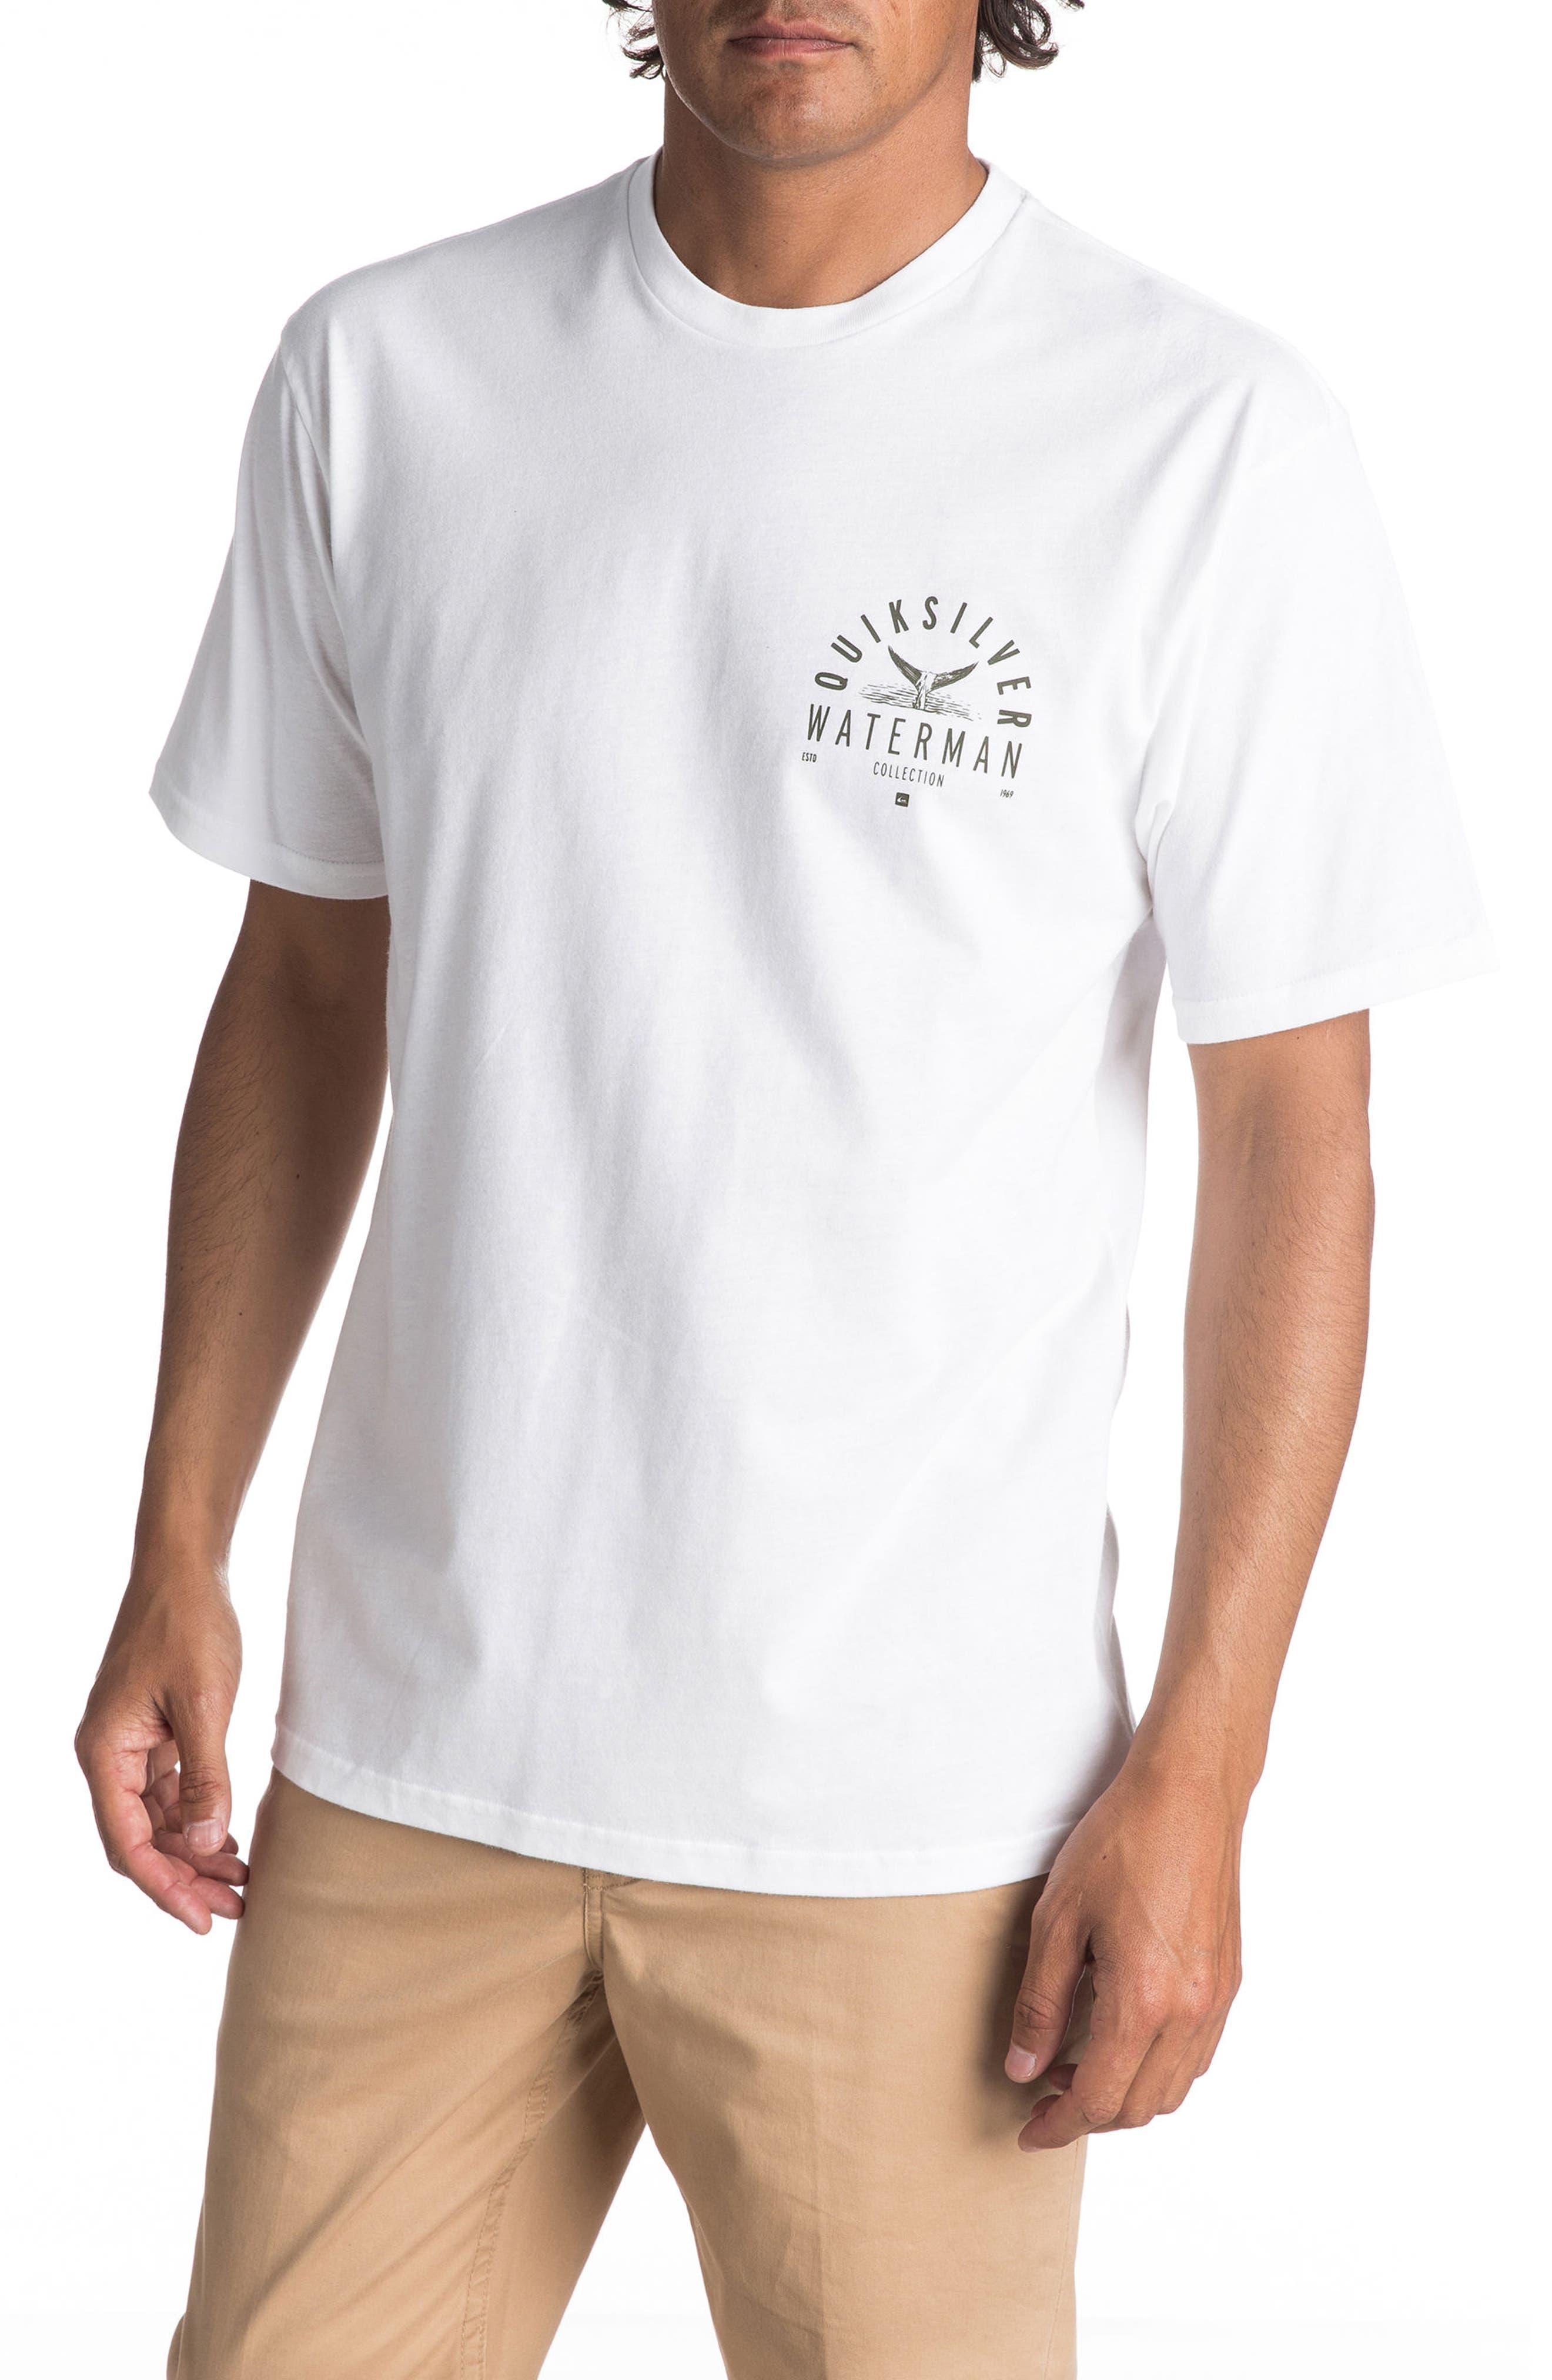 Water Way of Life T-Shirt,                             Main thumbnail 1, color,                             White